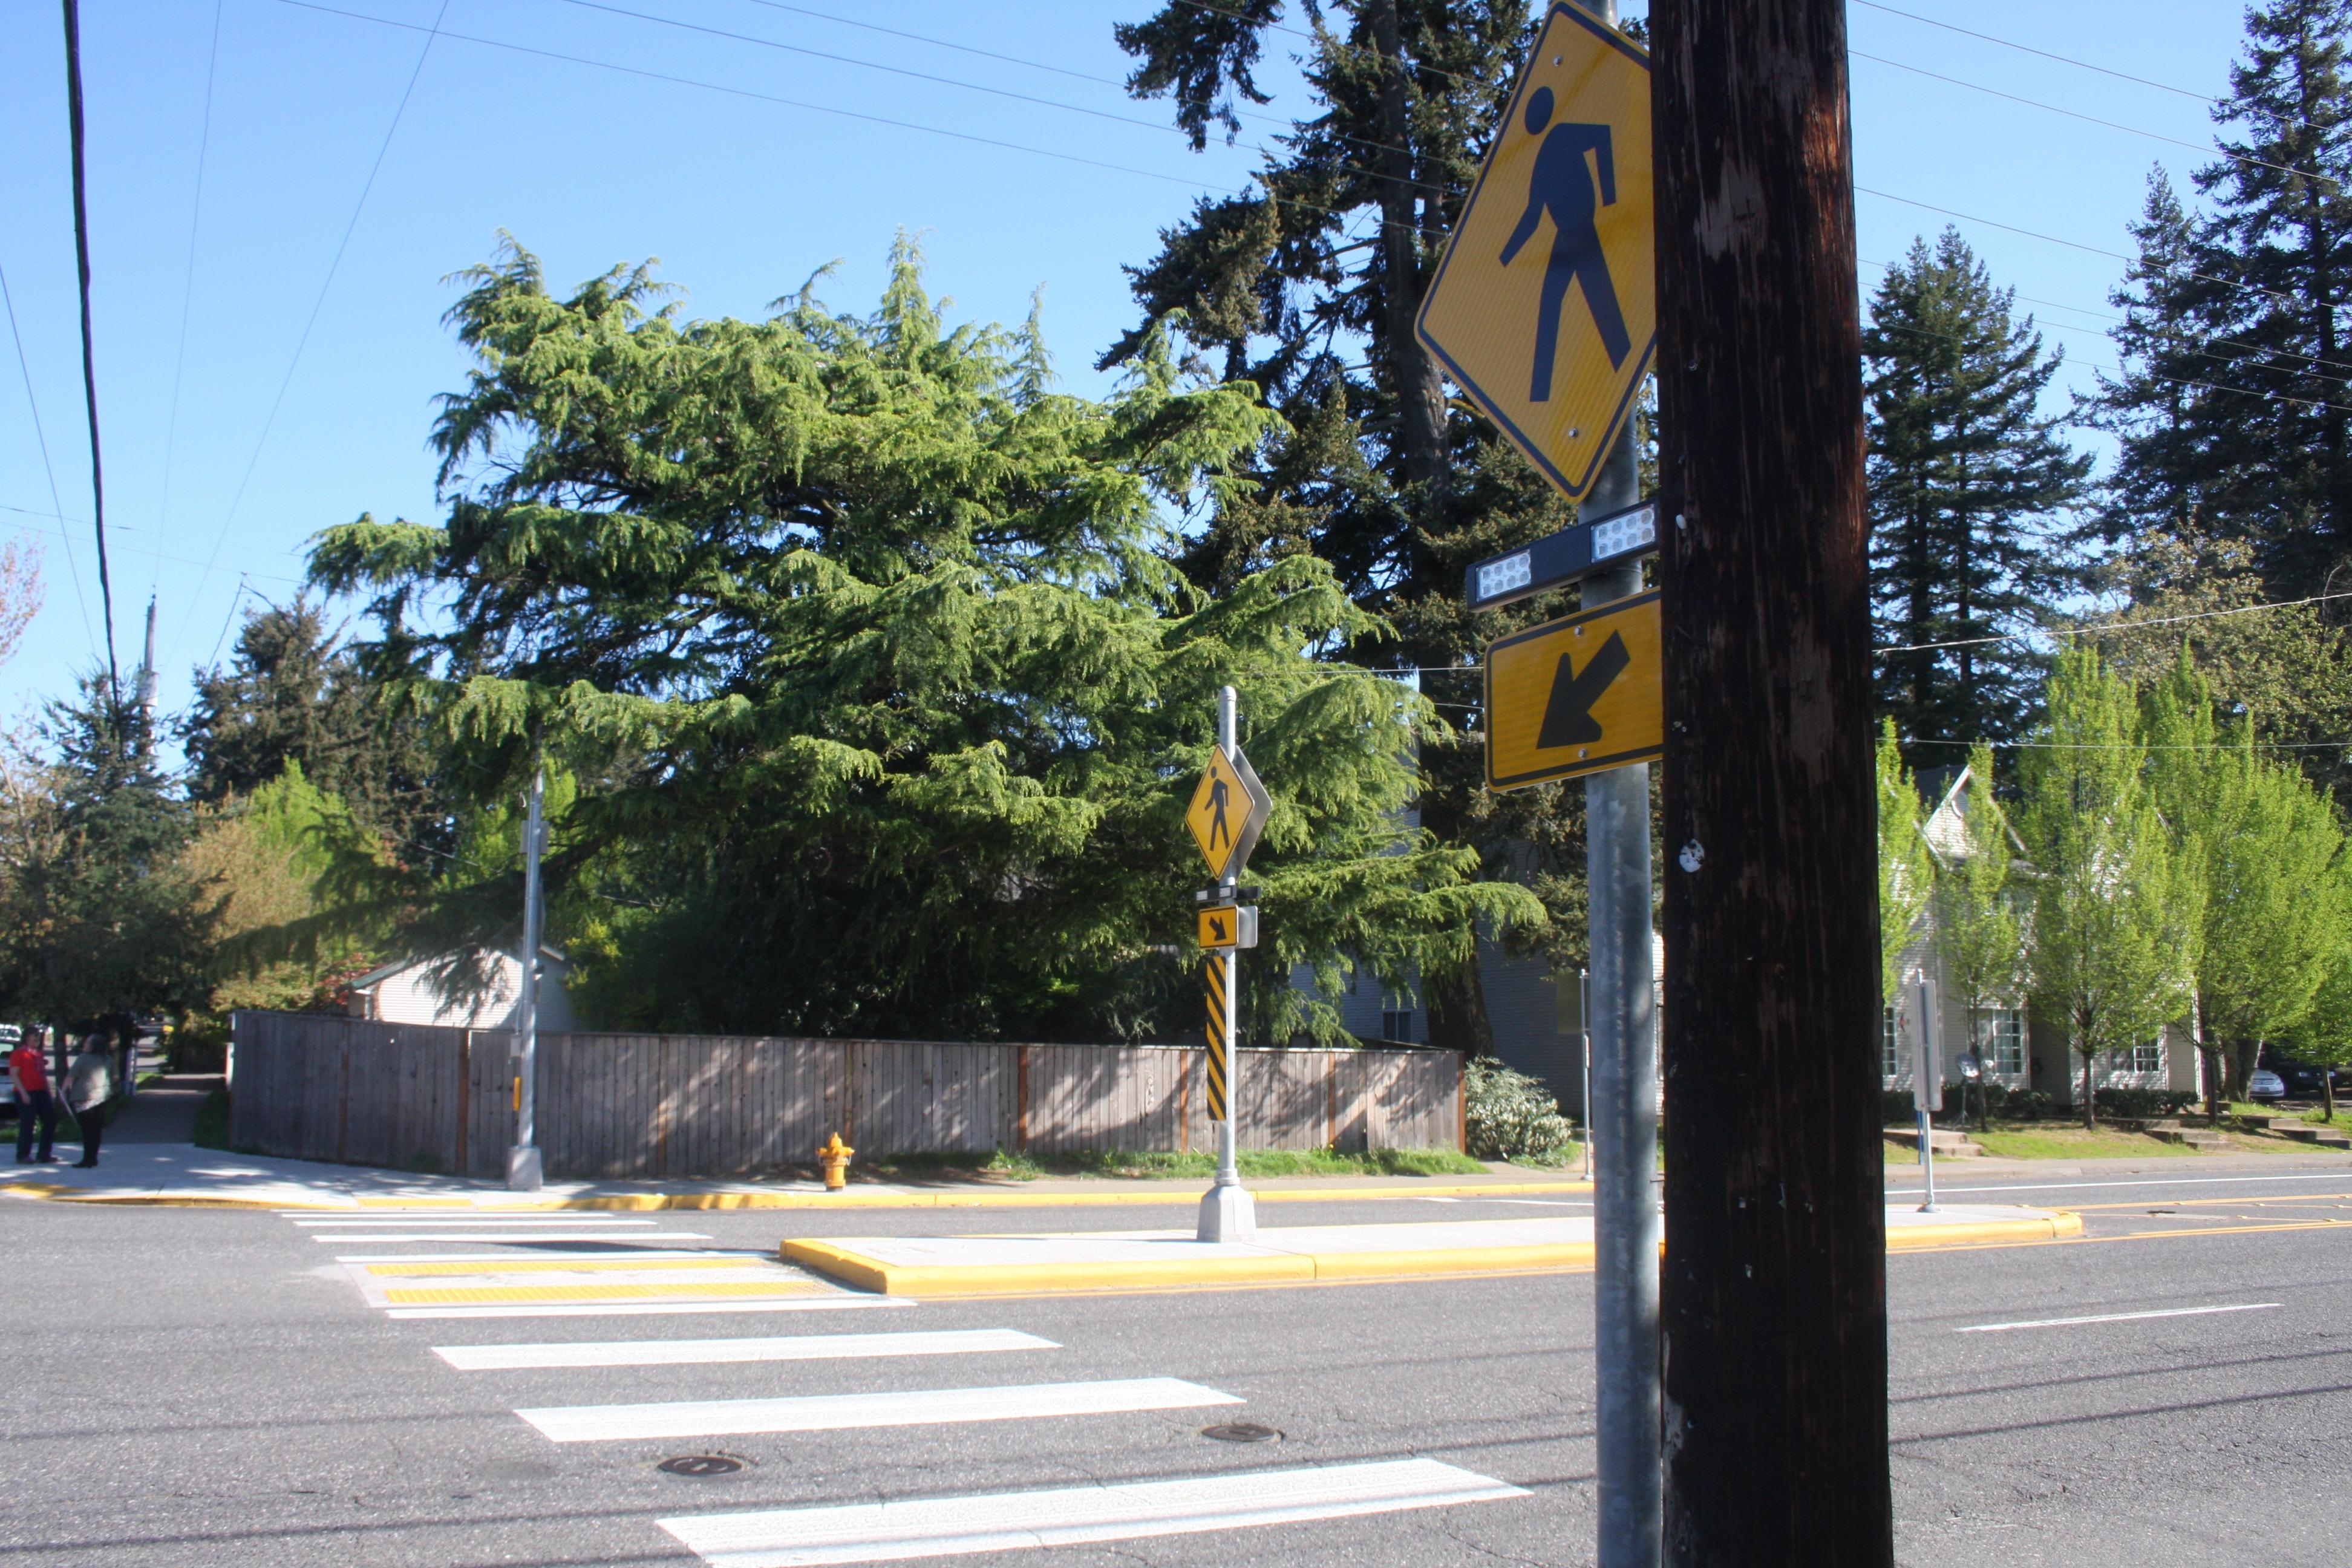 Portland metro Wednesday traffic: Police hold a crosswalk safety blitz on SE Stark